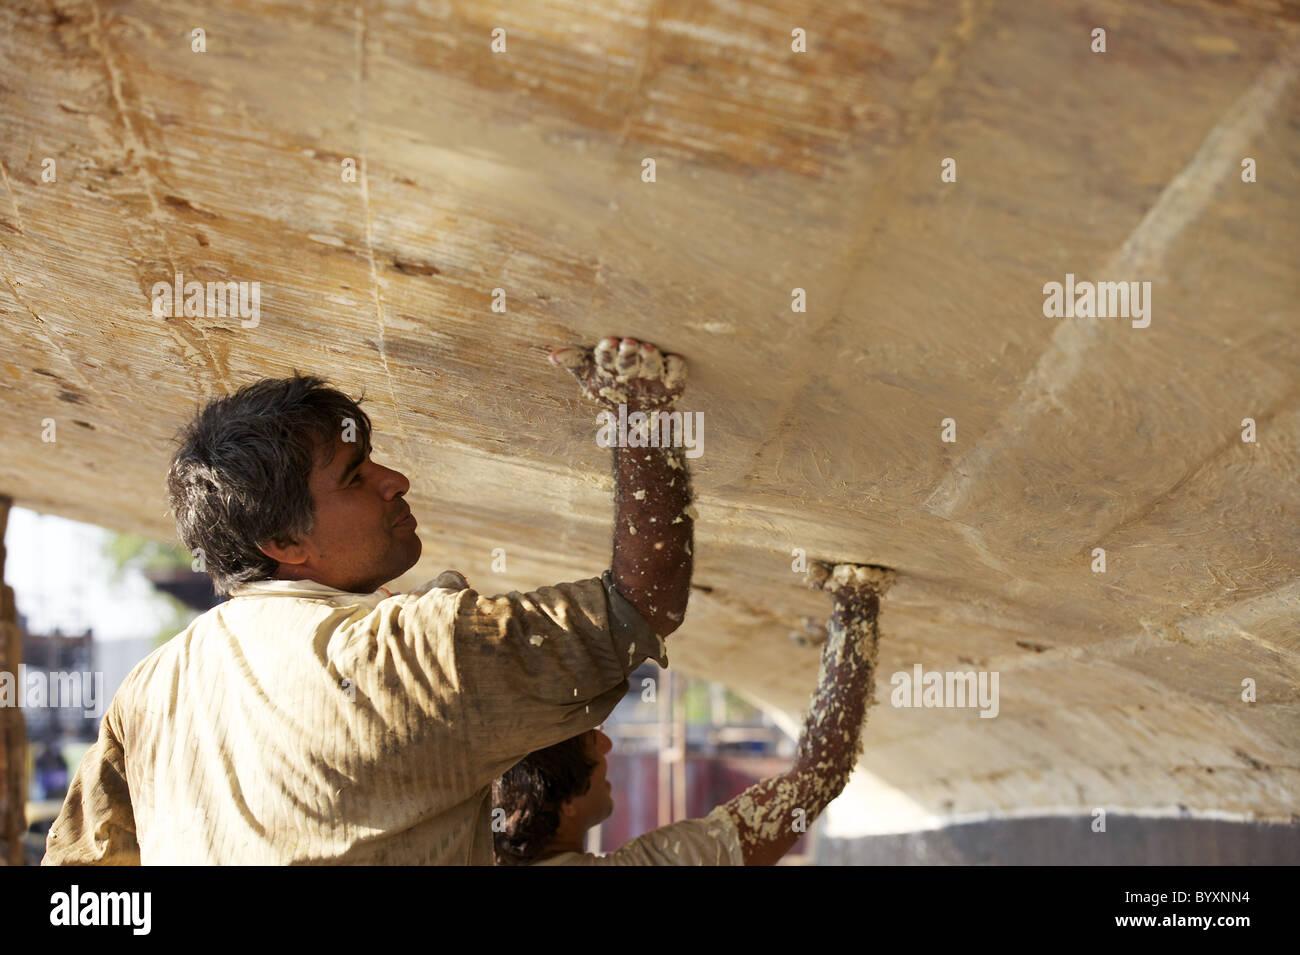 Due lavoratori applicare un sigillante al lato inferiore di una dhow nel cantiere Jaddaf, Dubai, UAE Immagini Stock